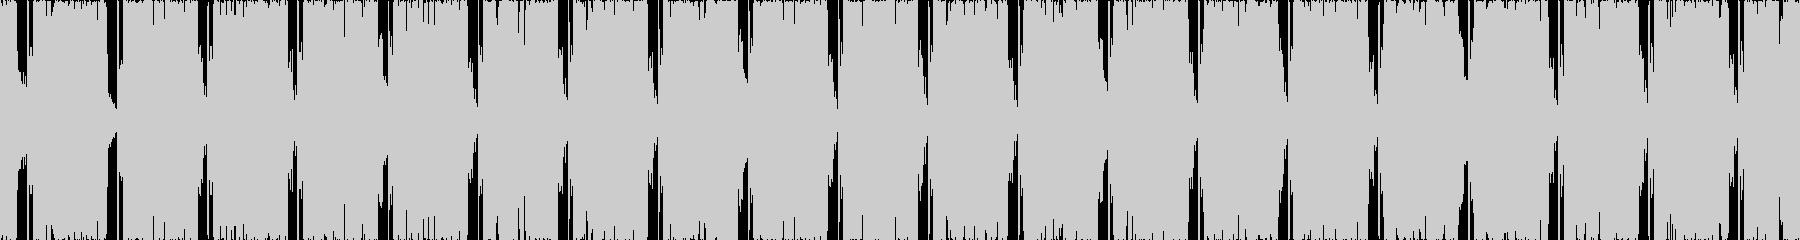 ポジティブな雰囲気のエレクトロ楽曲,2の未再生の波形